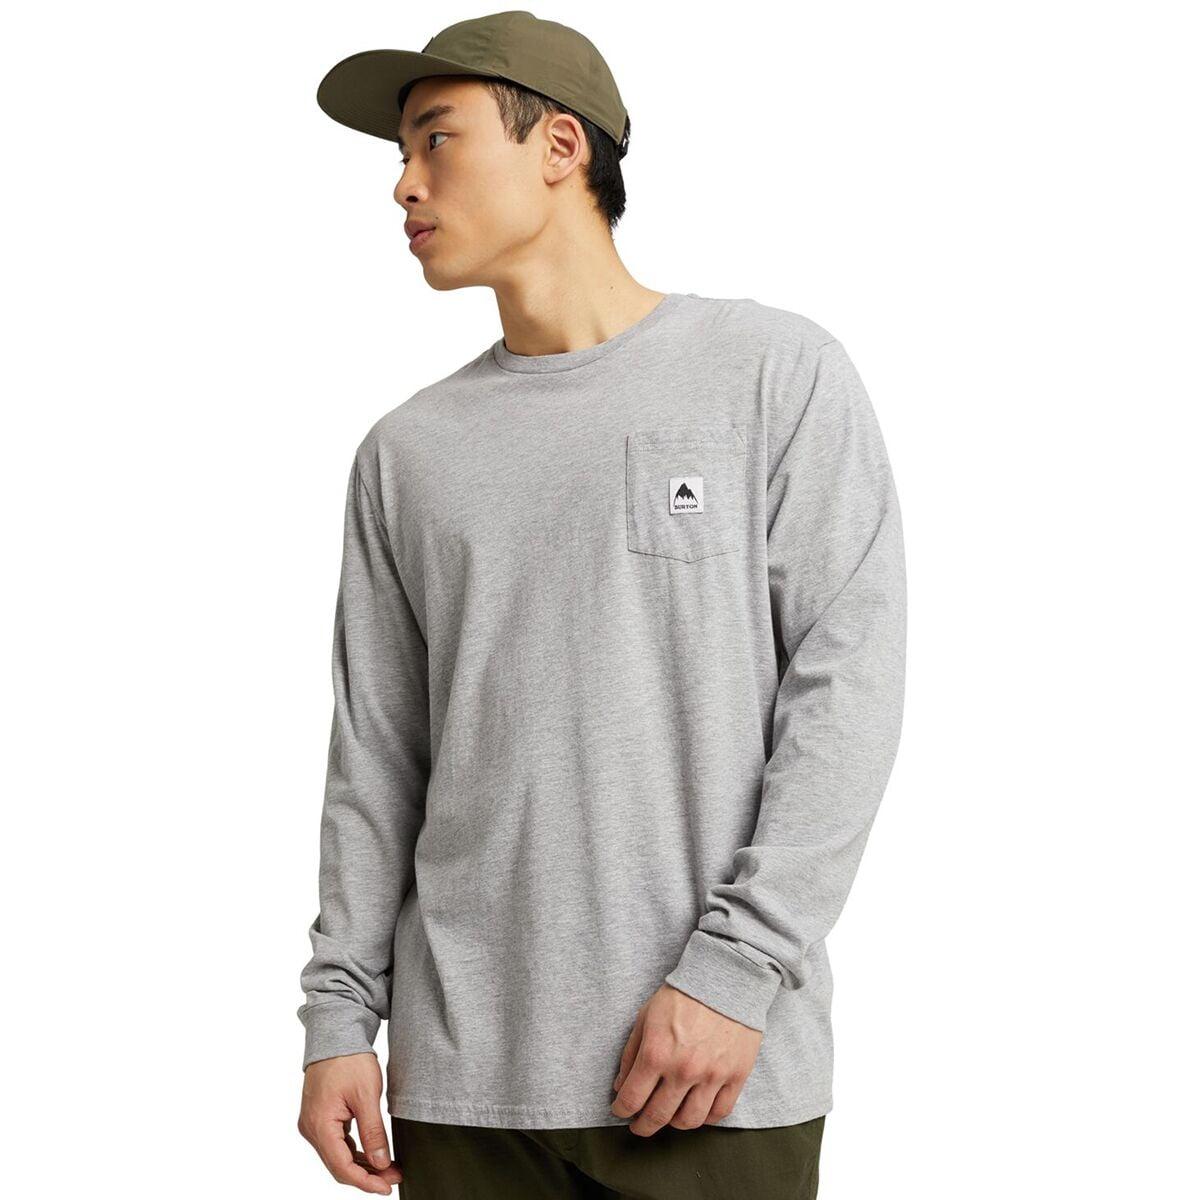 Colfax Long-Sleeve T-Shirt - Men